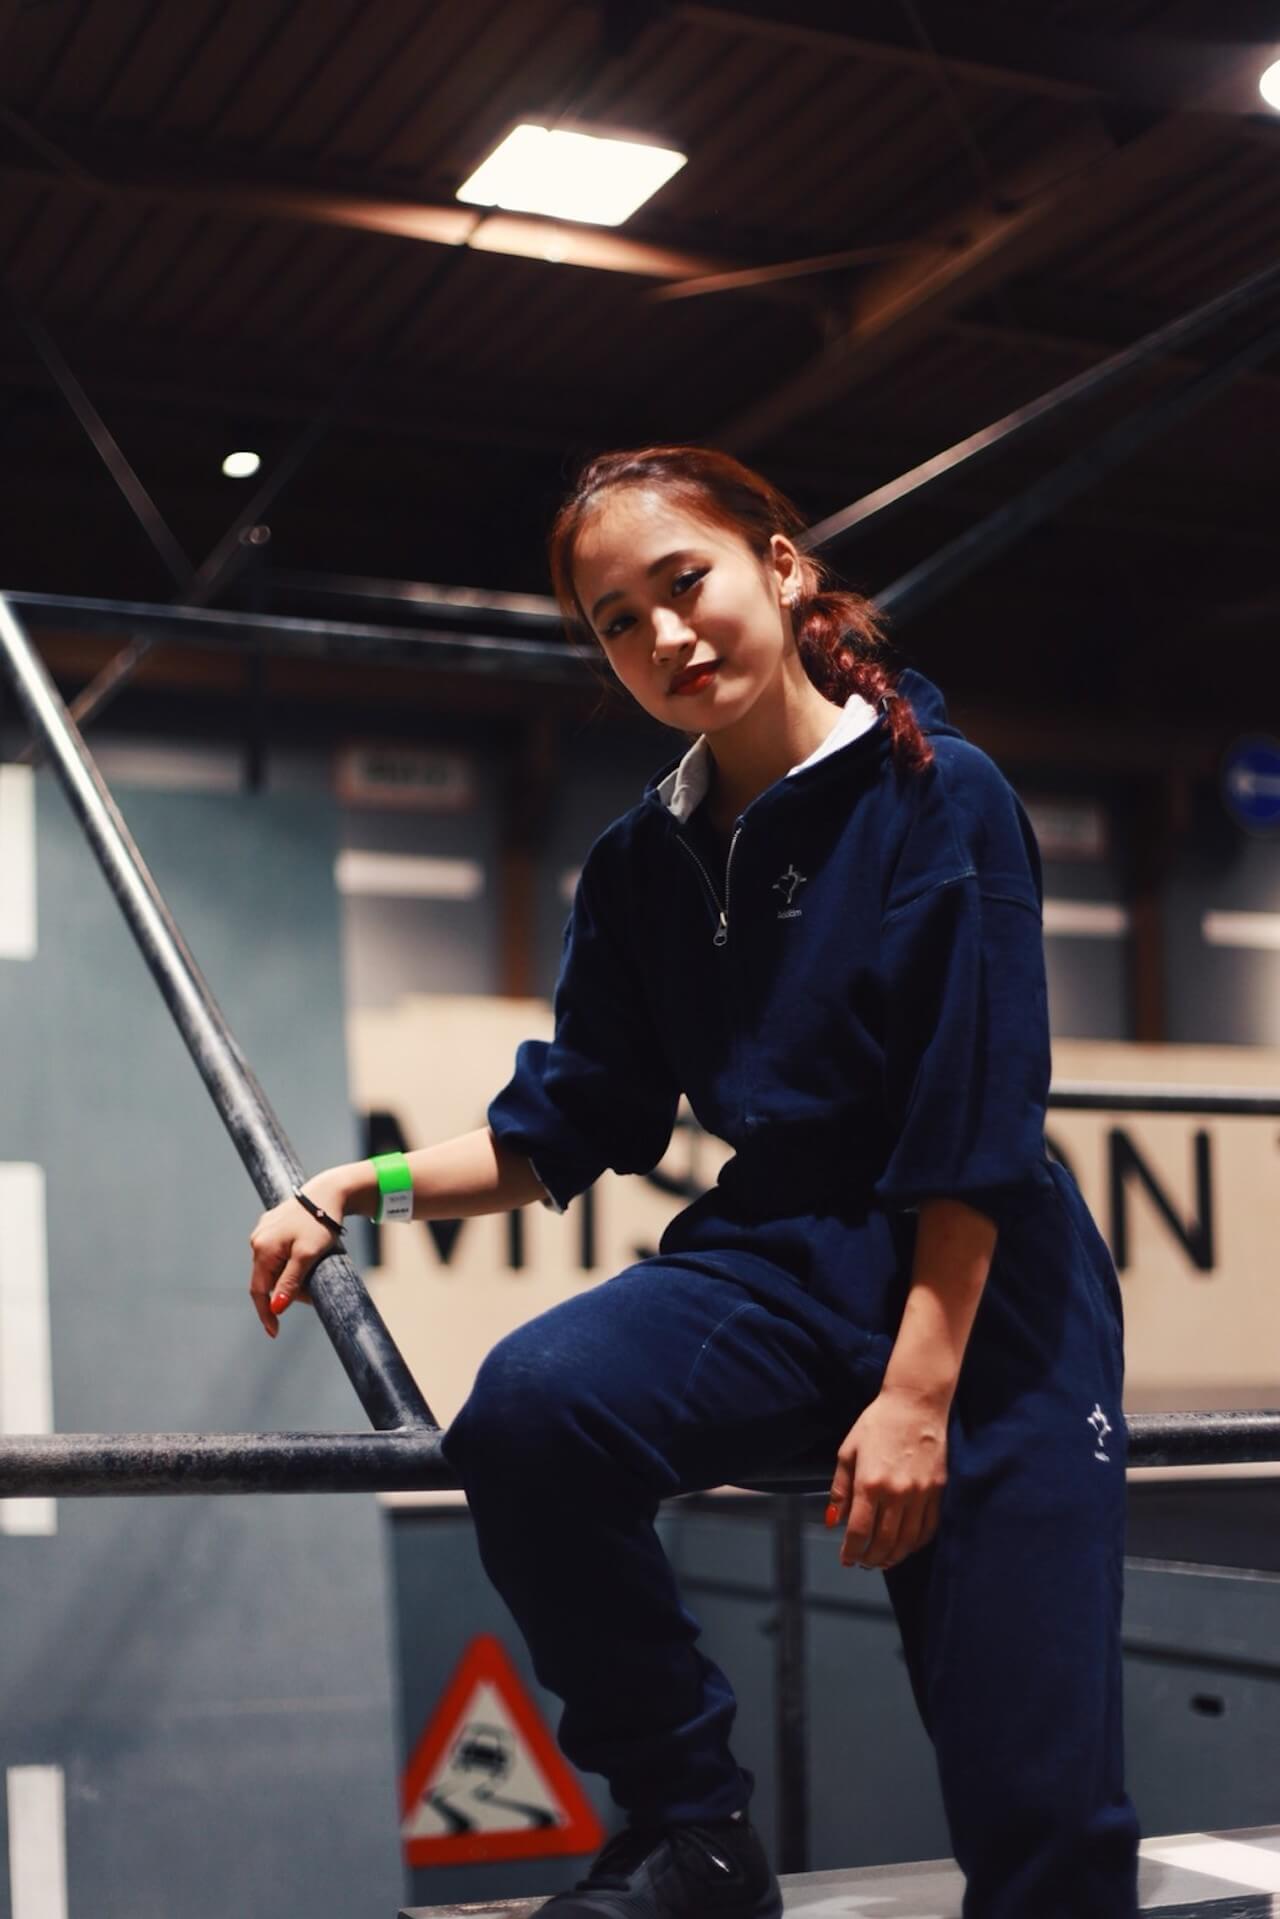 テラハで話題の「パルクールちゃん」こと田辺莉咲子がパルクール日本選手権出場決定! art-culture191017-risako-tanabe-5